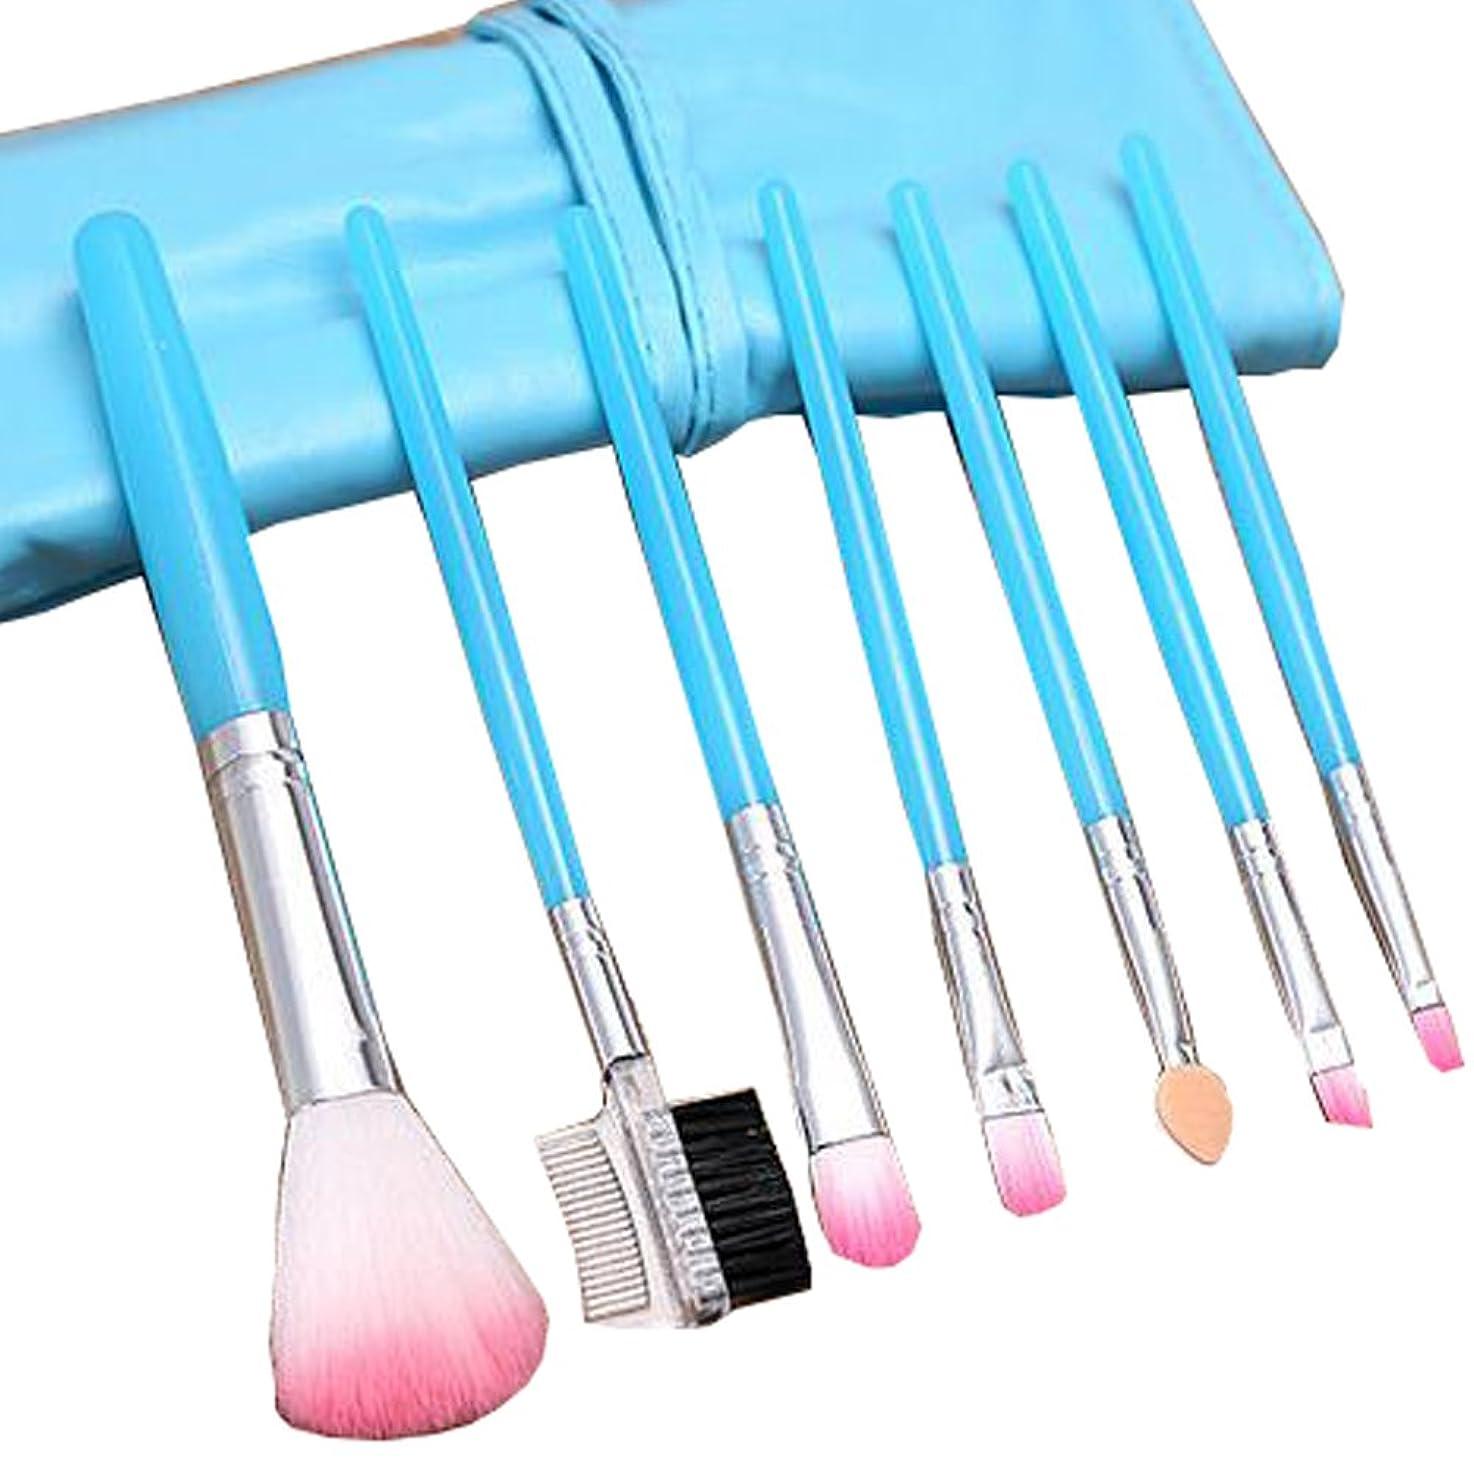 段階分数代わりにポータブルメイクブラシツール化粧品基礎メイクブラシセット